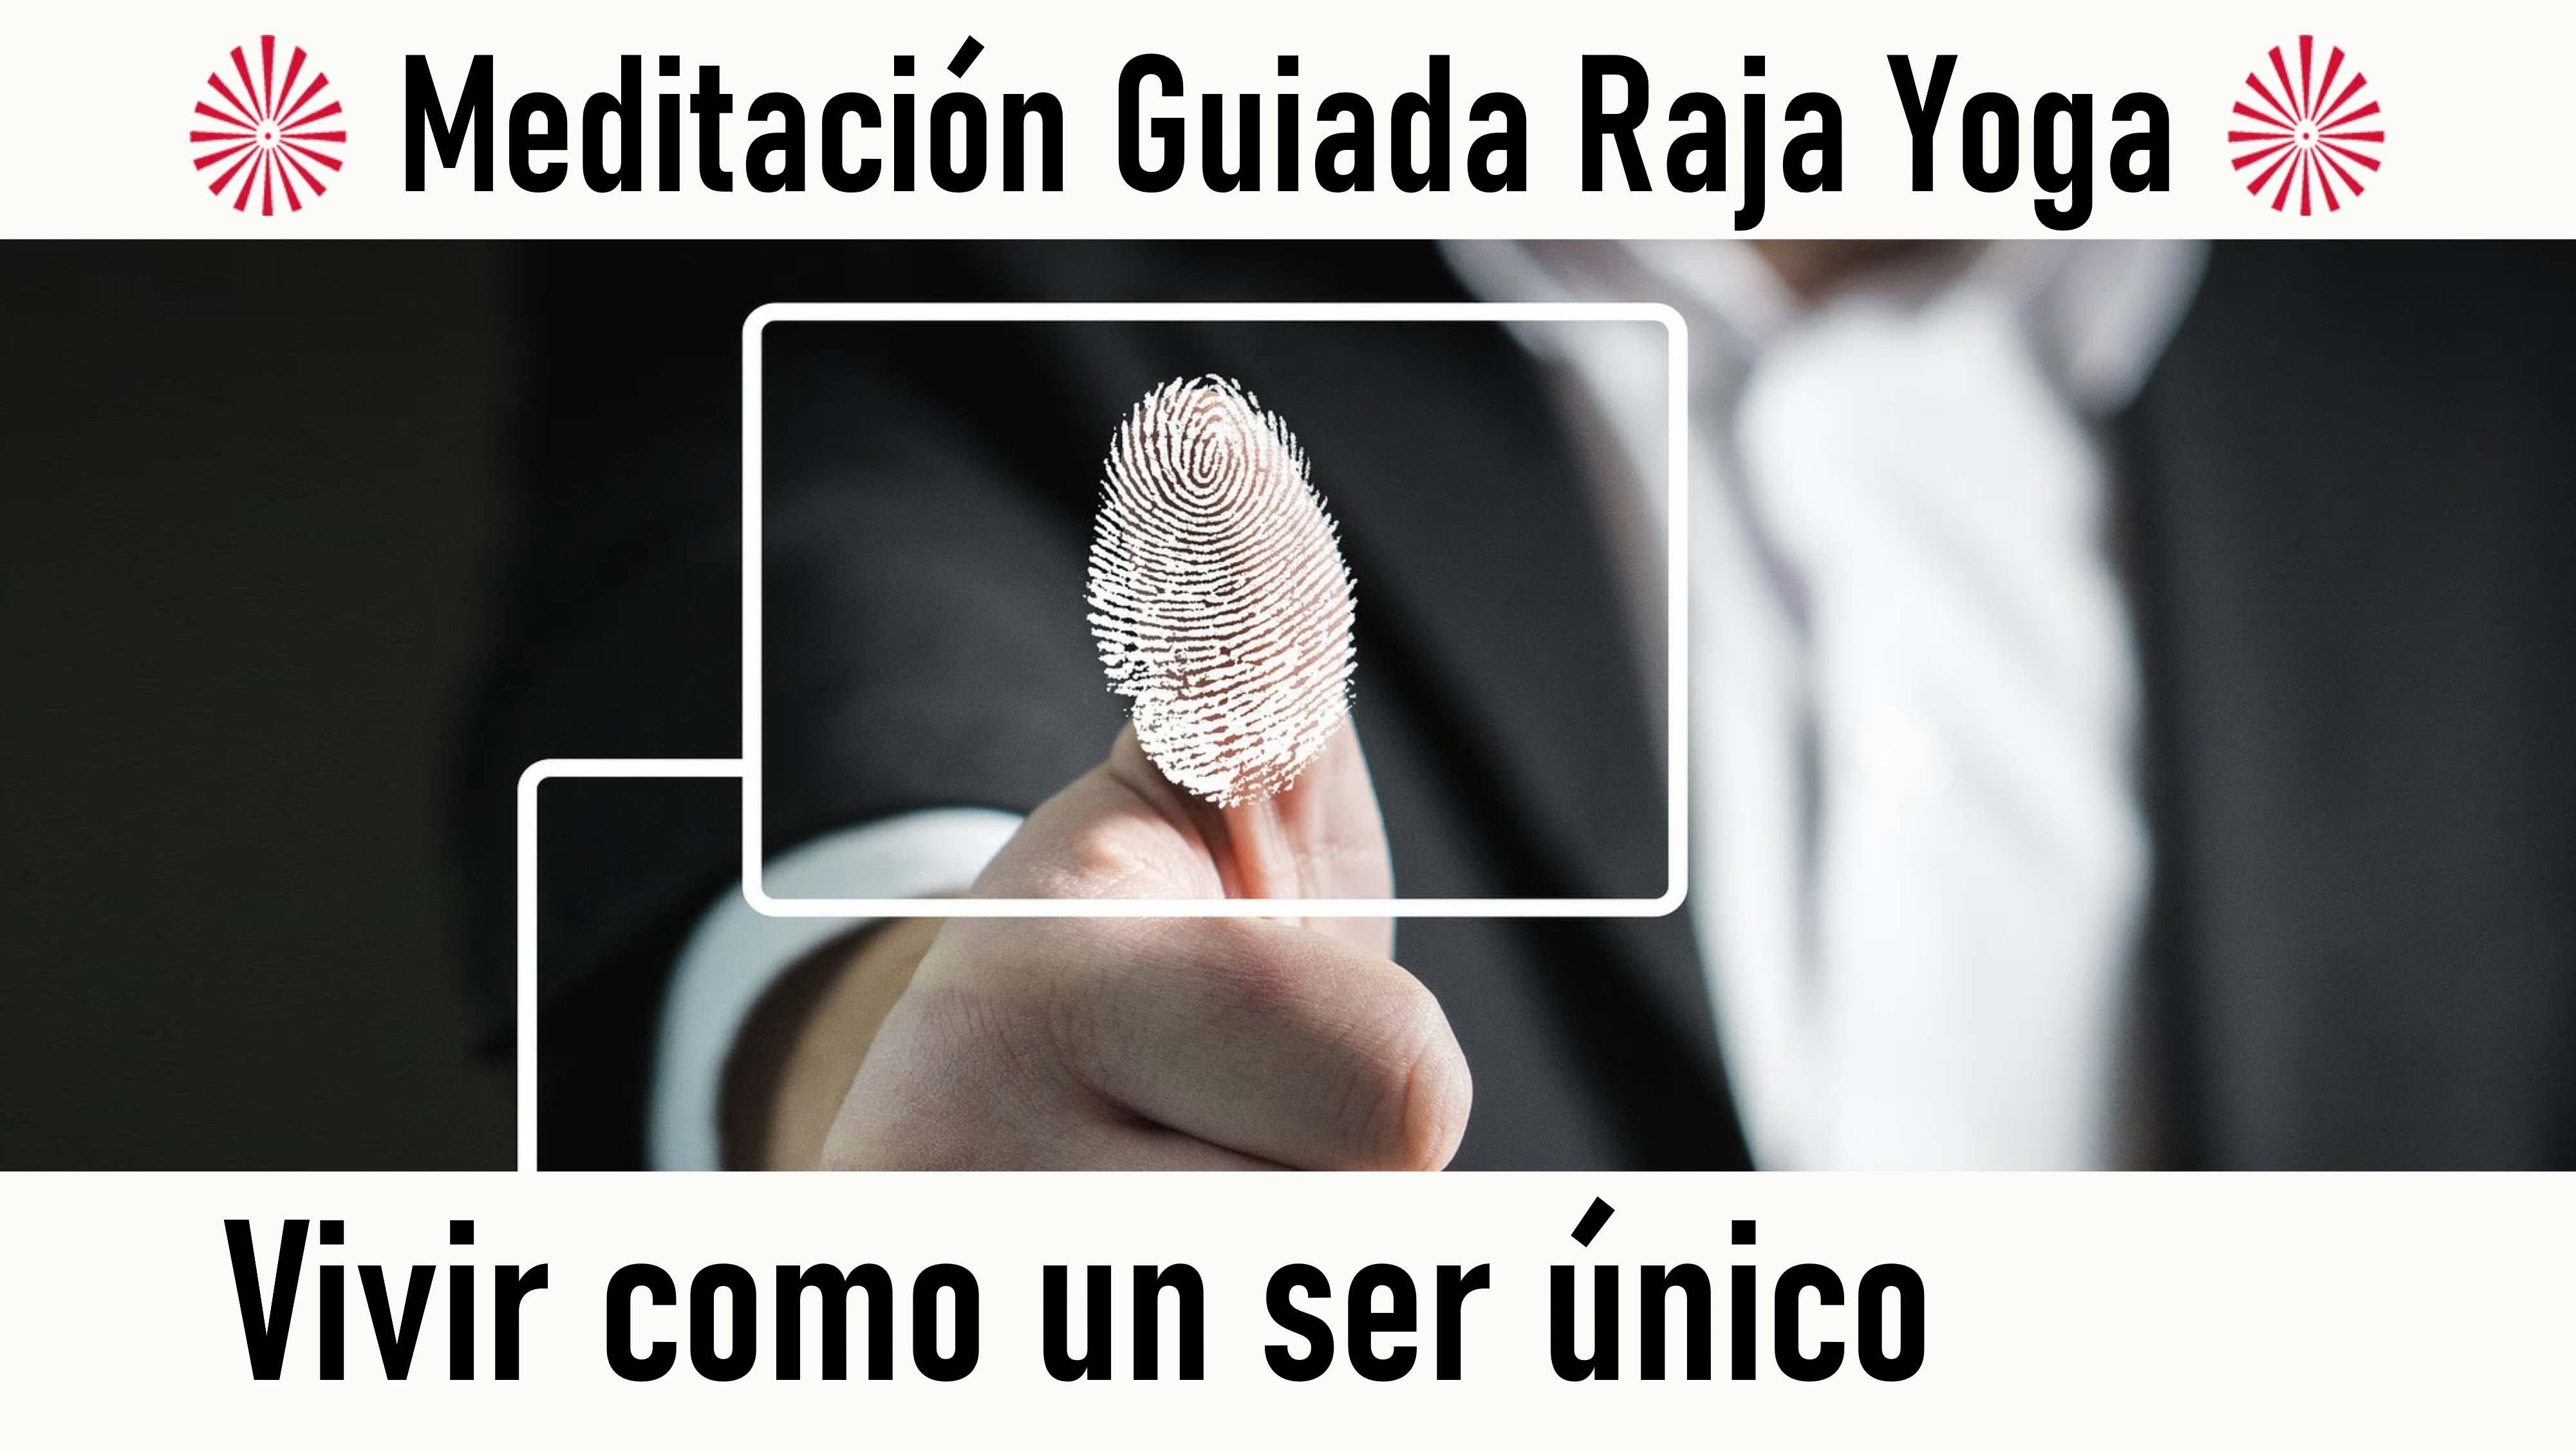 Meditación Raja Yoga: Vivir como un ser único (17 Agosto 2020) On-line desde Madrid